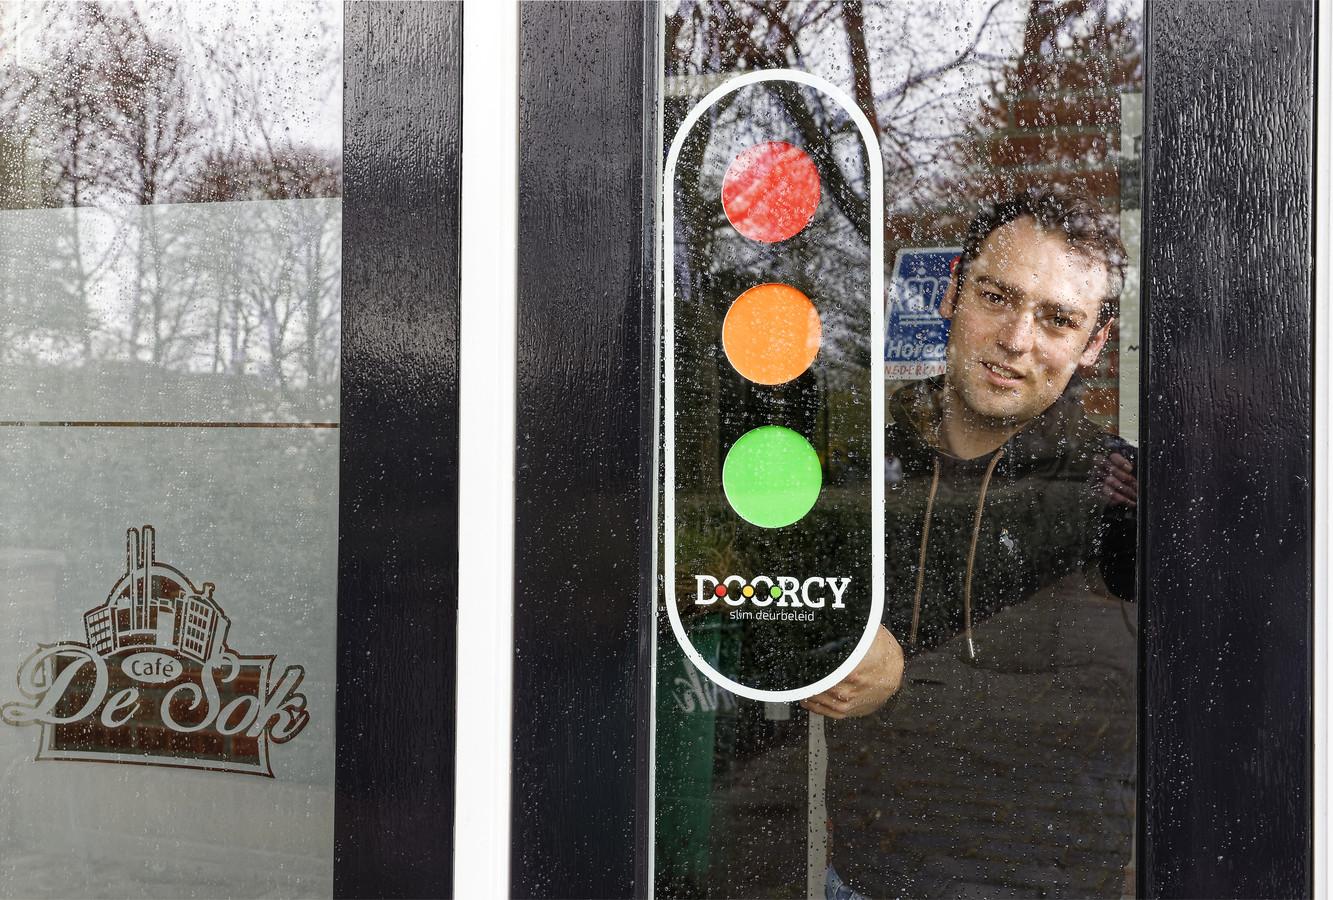 Thomas de Groot plakt een slim stoplicht op de voordeur bij zijn café De Sok in Schijndel.